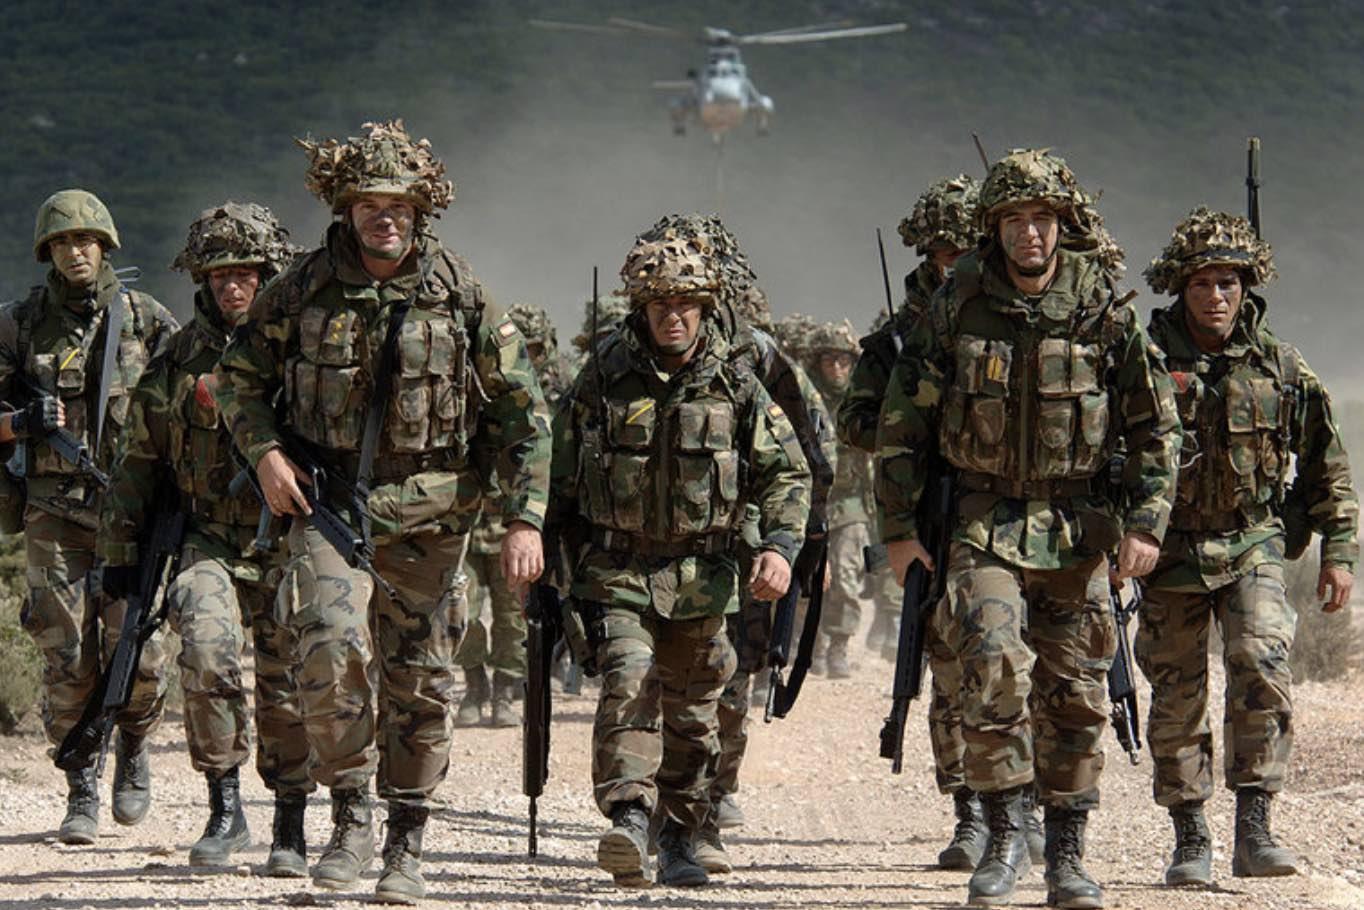 Fuerzas OTAN, intervención en Venezuela, Crisis venezolana